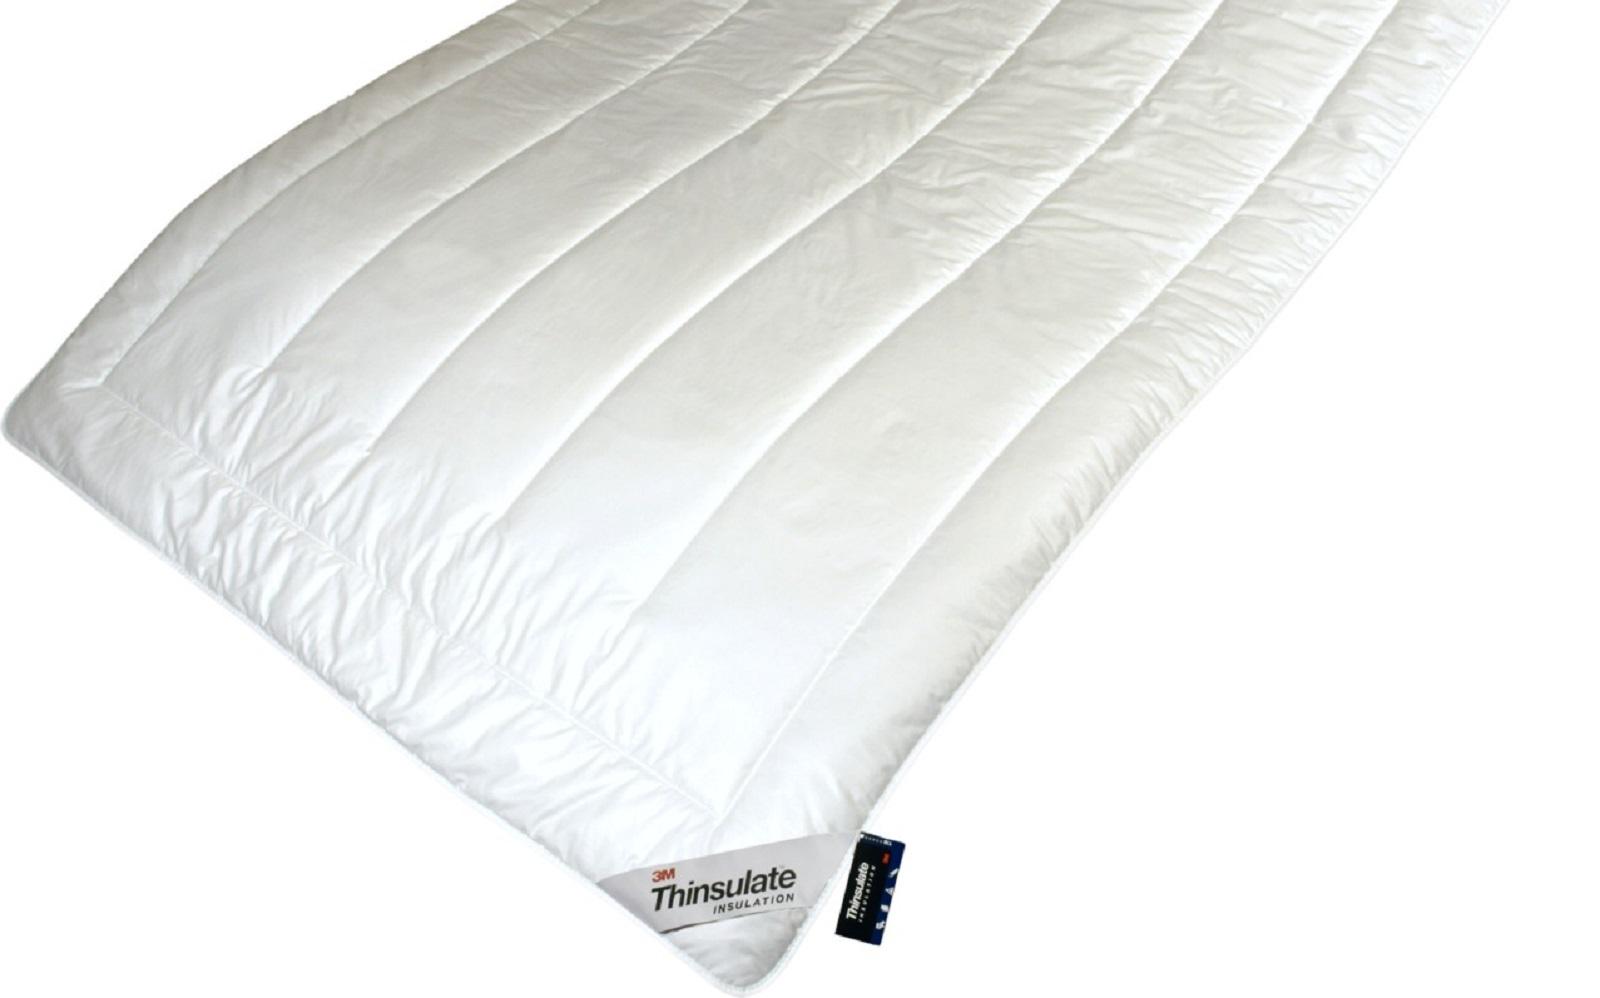 sommerdecke ultra leicht thinsulate bettdecke extra leichter schlafgenuss. Black Bedroom Furniture Sets. Home Design Ideas